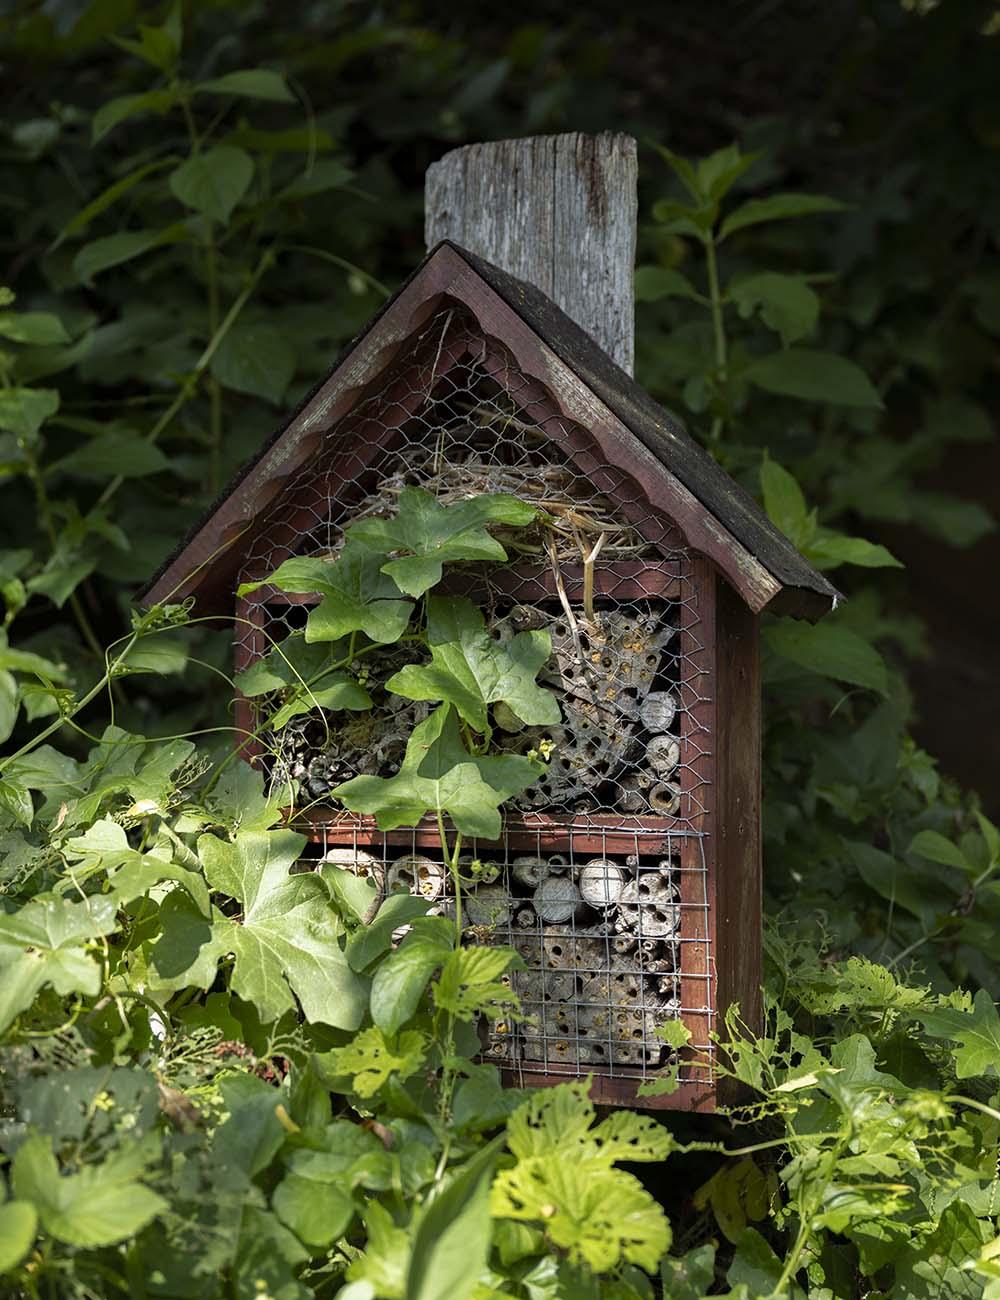 Im Garten auf dem Obsthof Wahlen steht ein Insektenhotel. Außerdem finden sich hier diverse Vogelhäuser. Artenschutz und Umweltschutz ist auf dem Obsthof groß geschrieben.